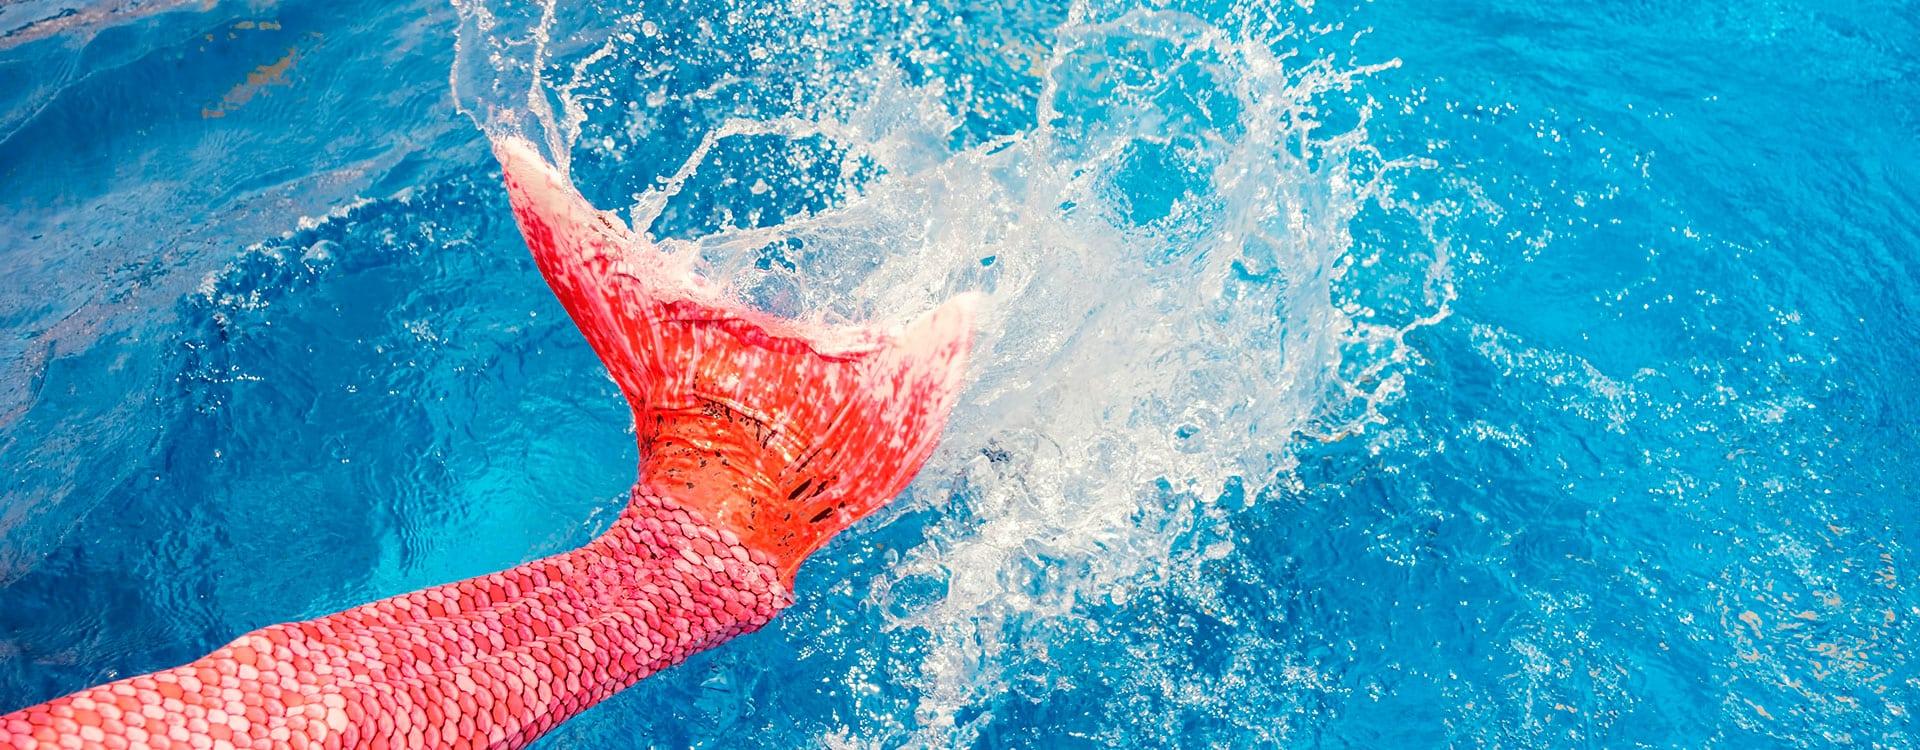 Meerjungfrauen-Schwimmkurs - Erlebnis-Therme Amadé in Altenmarkt im Pongau